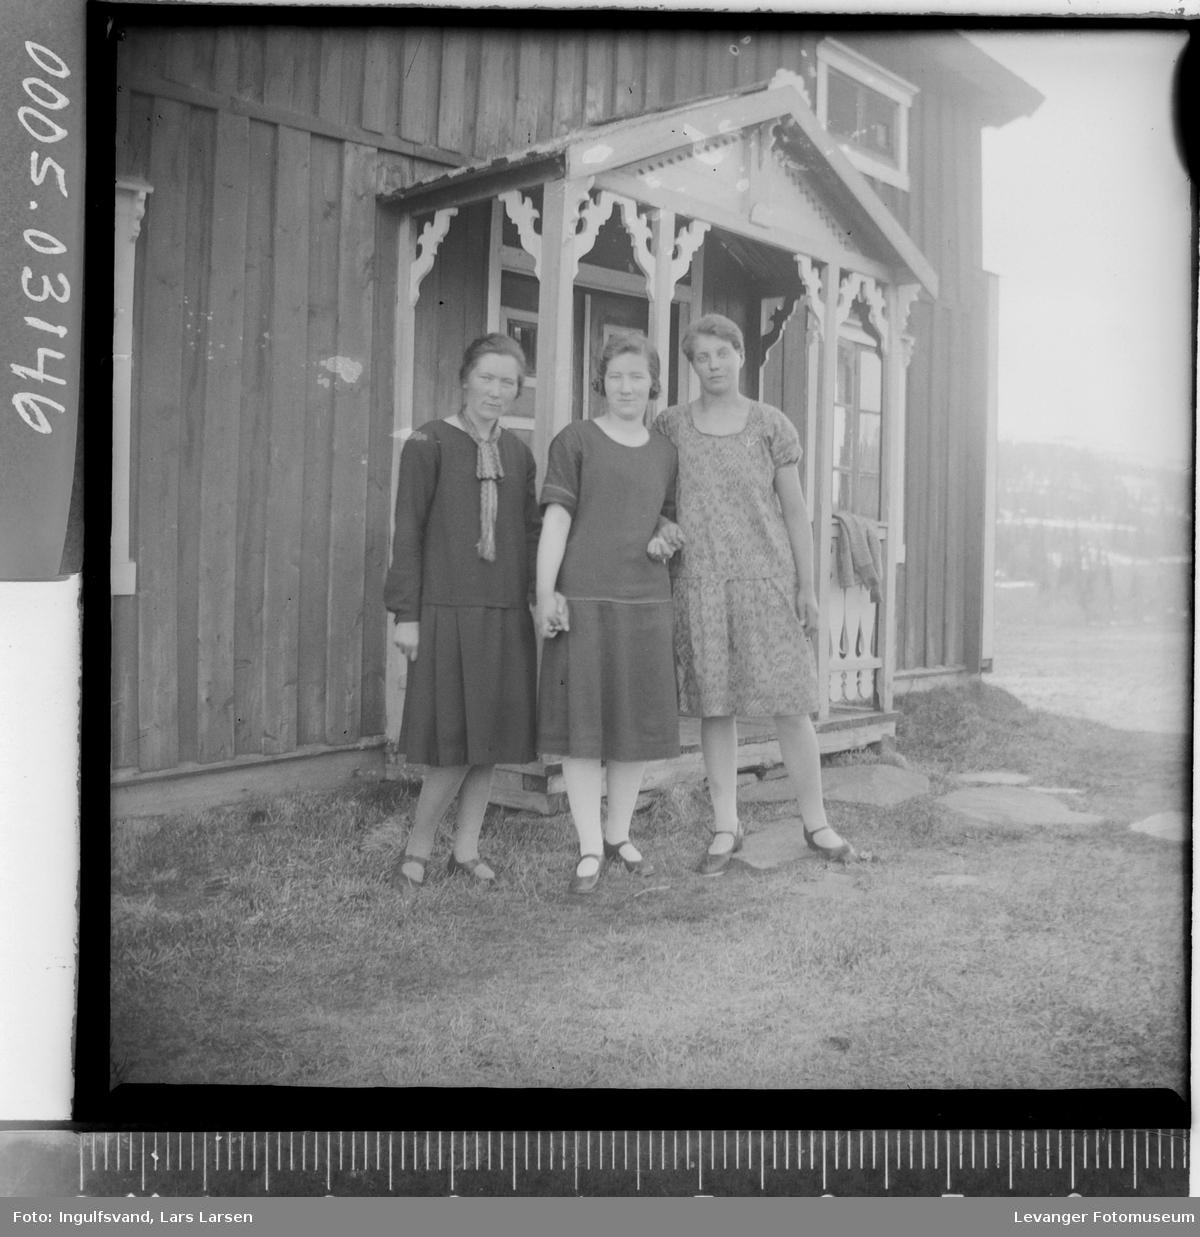 Gruppebilde av tre kvinner ved en bygning.